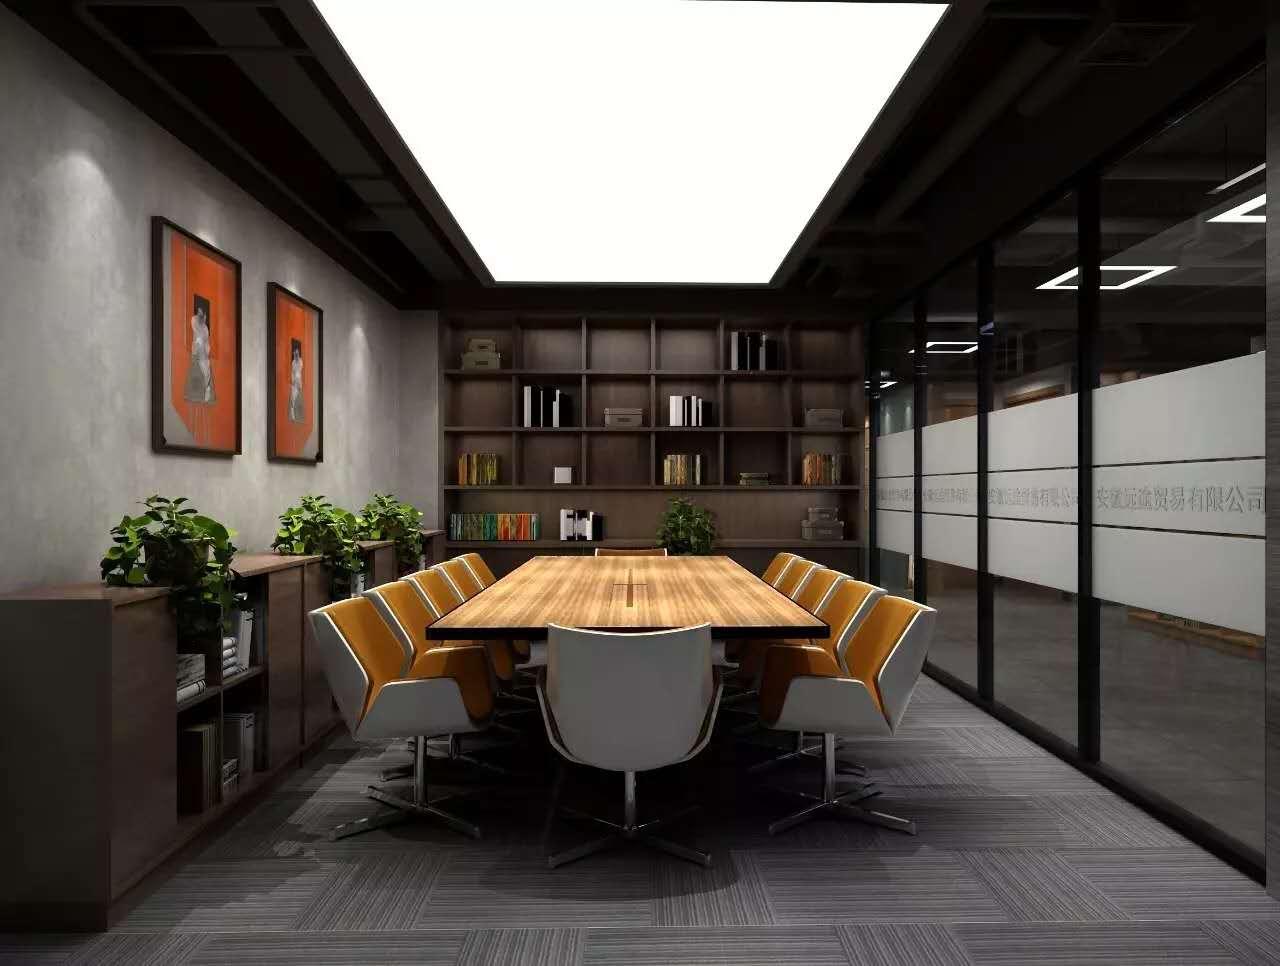 长沙装修公司浩安公装办公空间装修设计案例汉风科技1600㎡复古风办公室装修